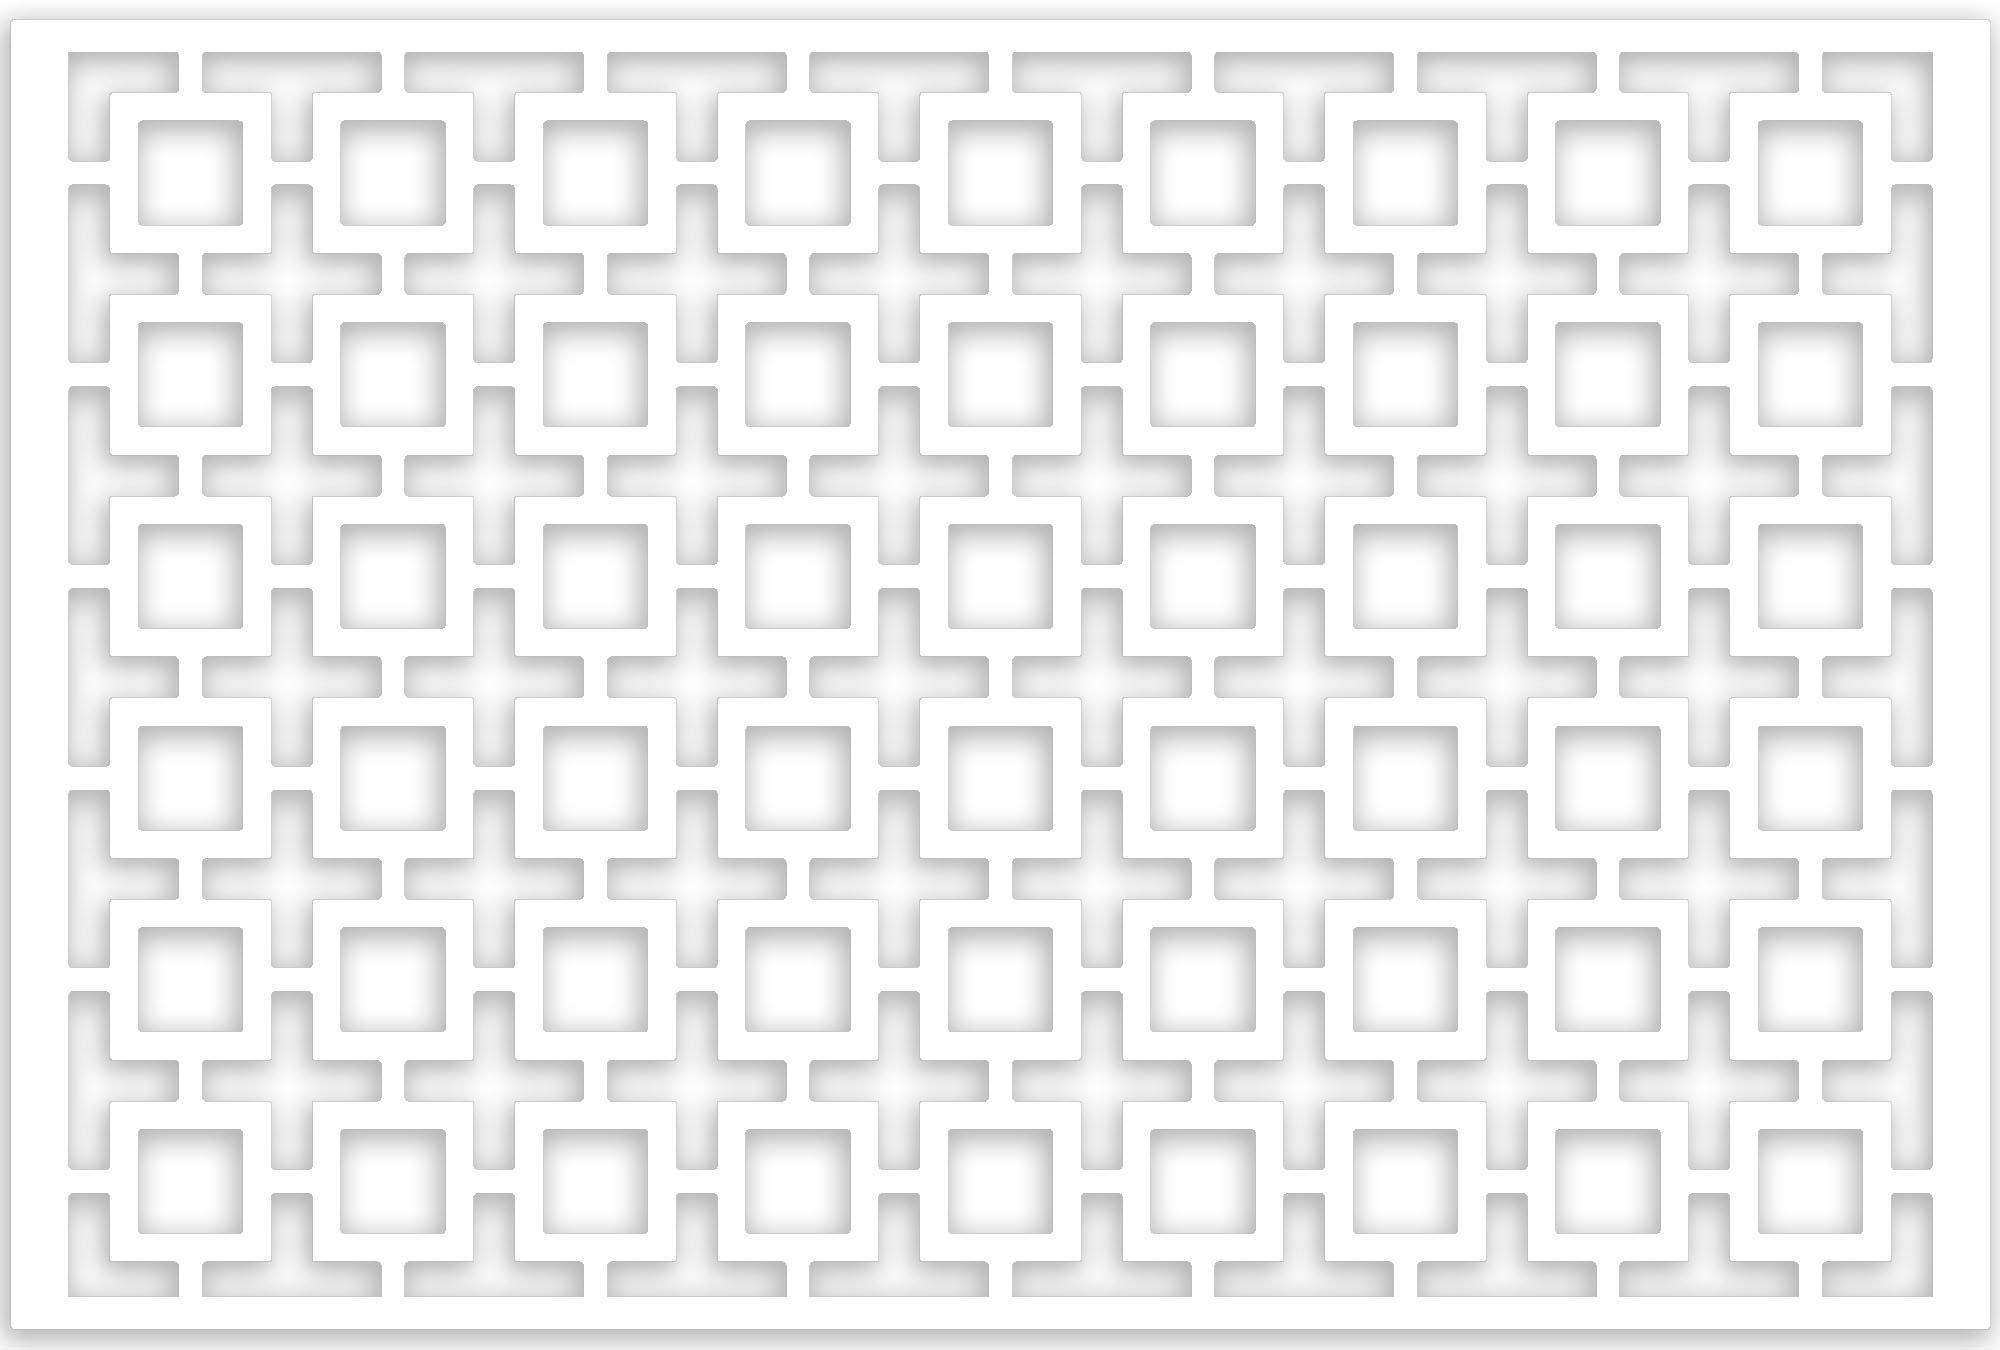 Acurio lattice retro squares outdoor decor panel screen for Lattice screen panels outdoor